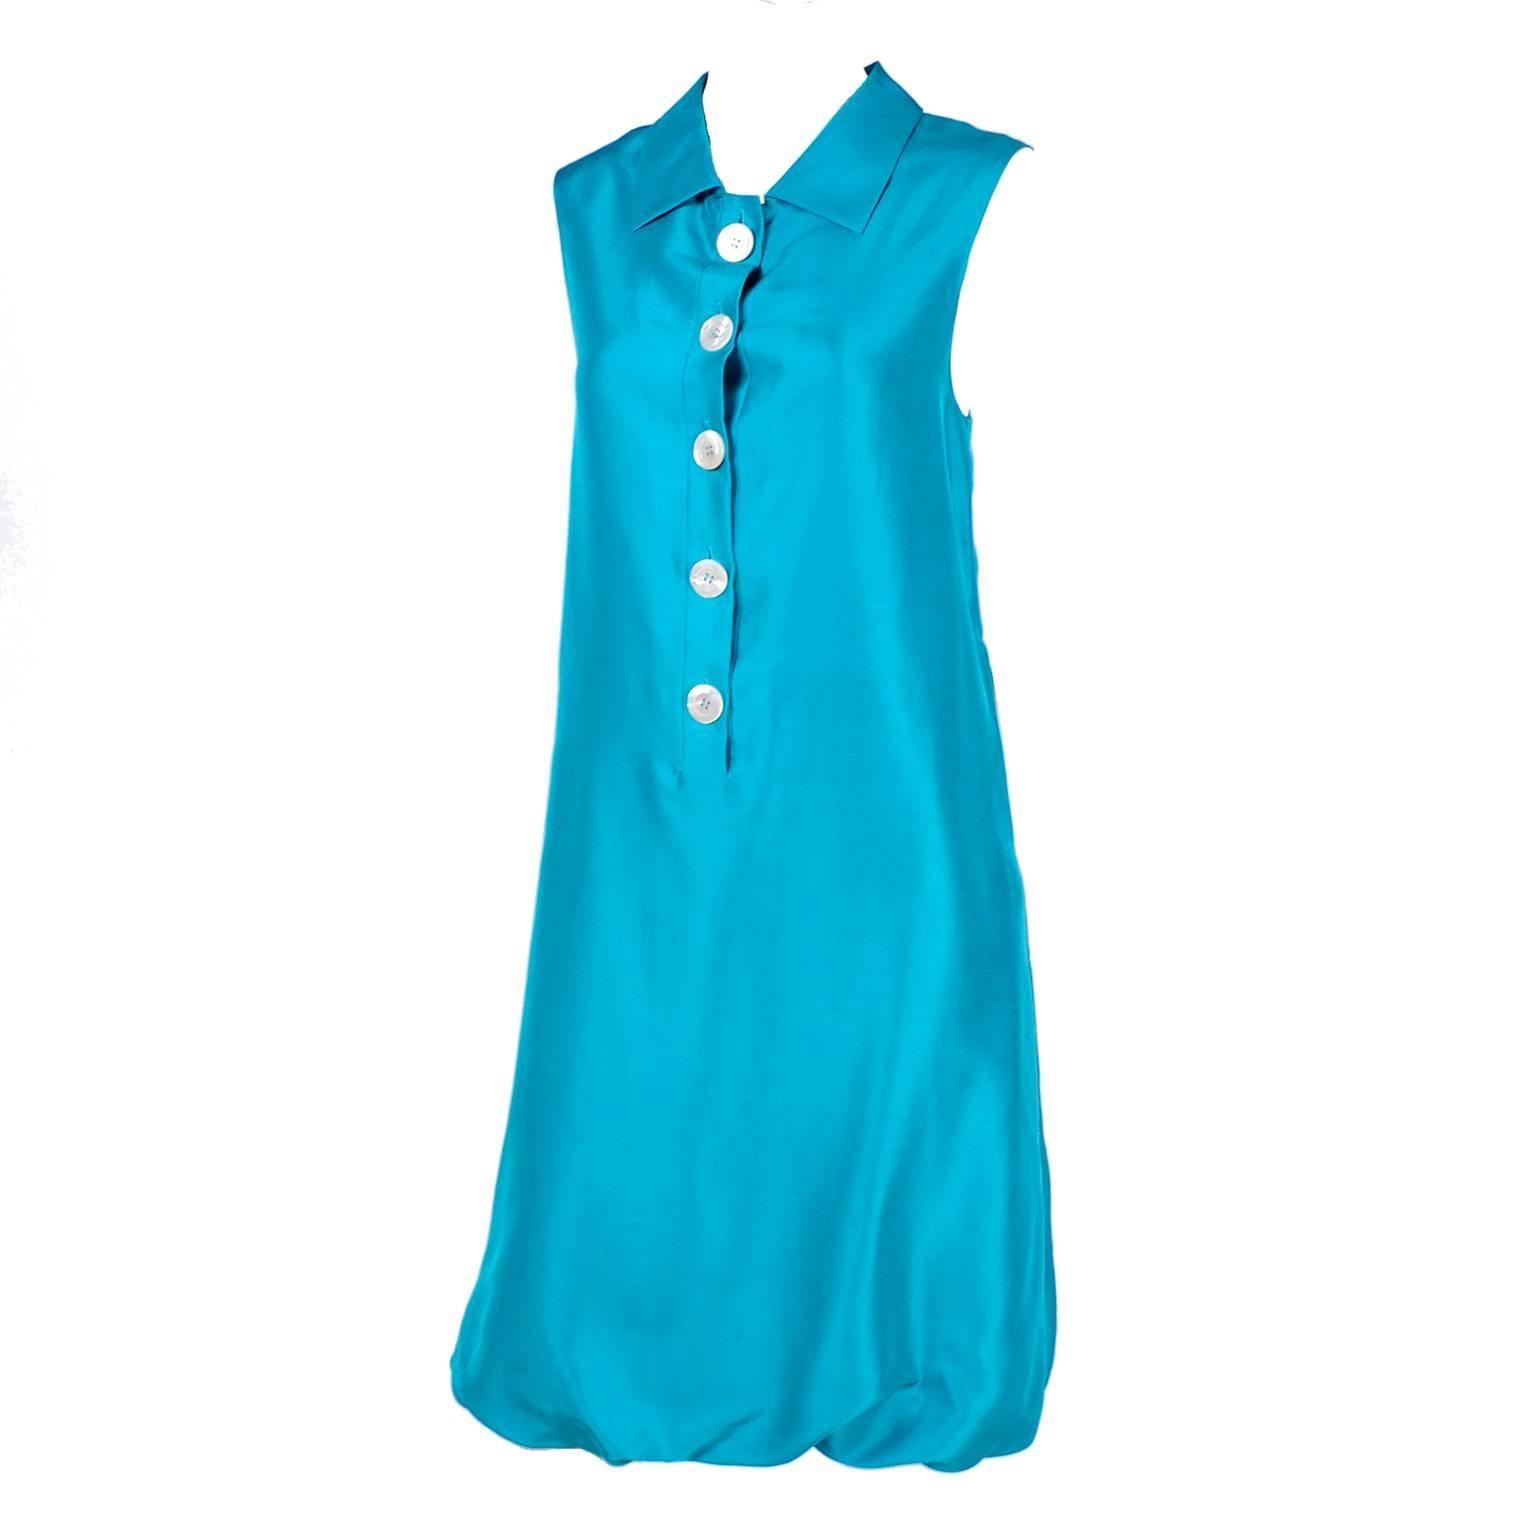 Oscar de la Renta Blue Turquoise Sleeveless Silk Dress W Bubble Hem Resort 2009